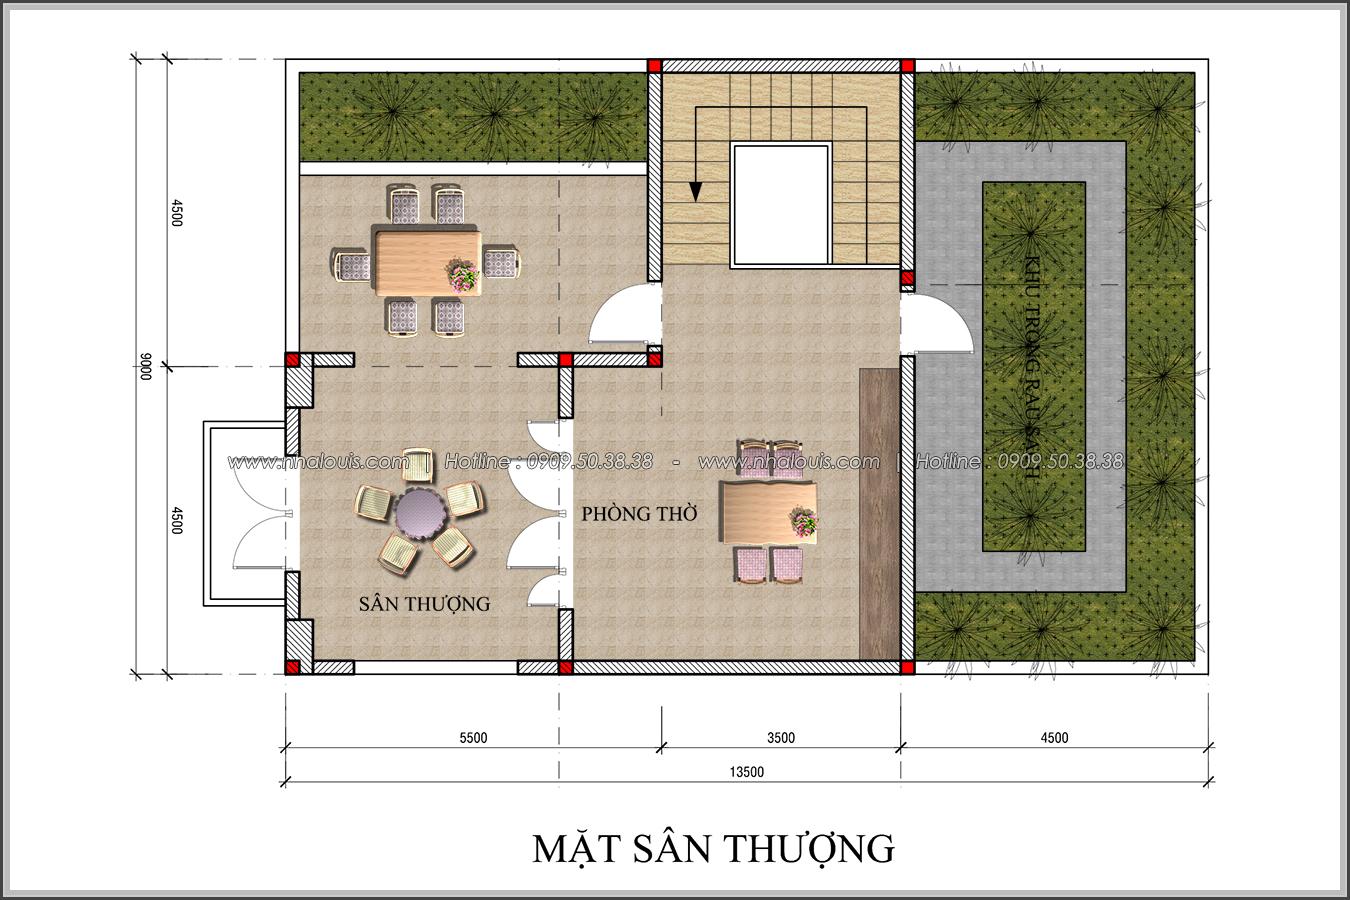 Thiết kế biệt thự tân cổ điển tại Đồng Nai đẹp không tì vết - 6